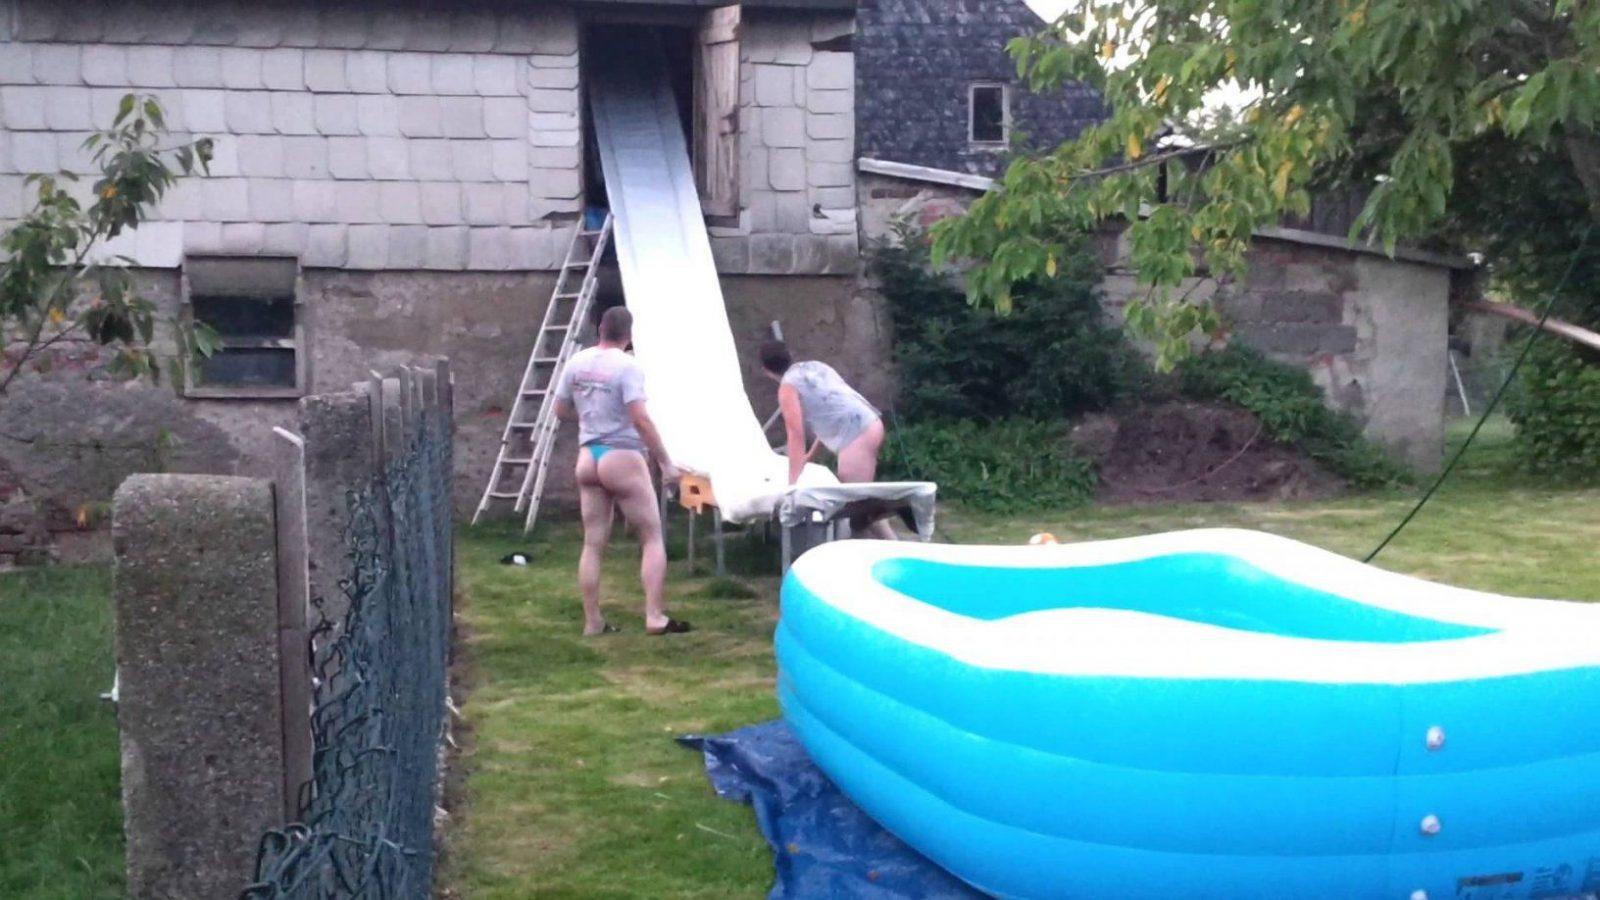 Wasserrutsche Marke Eigenbau  Youtube von Pool Rutsche Selber Bauen Photo